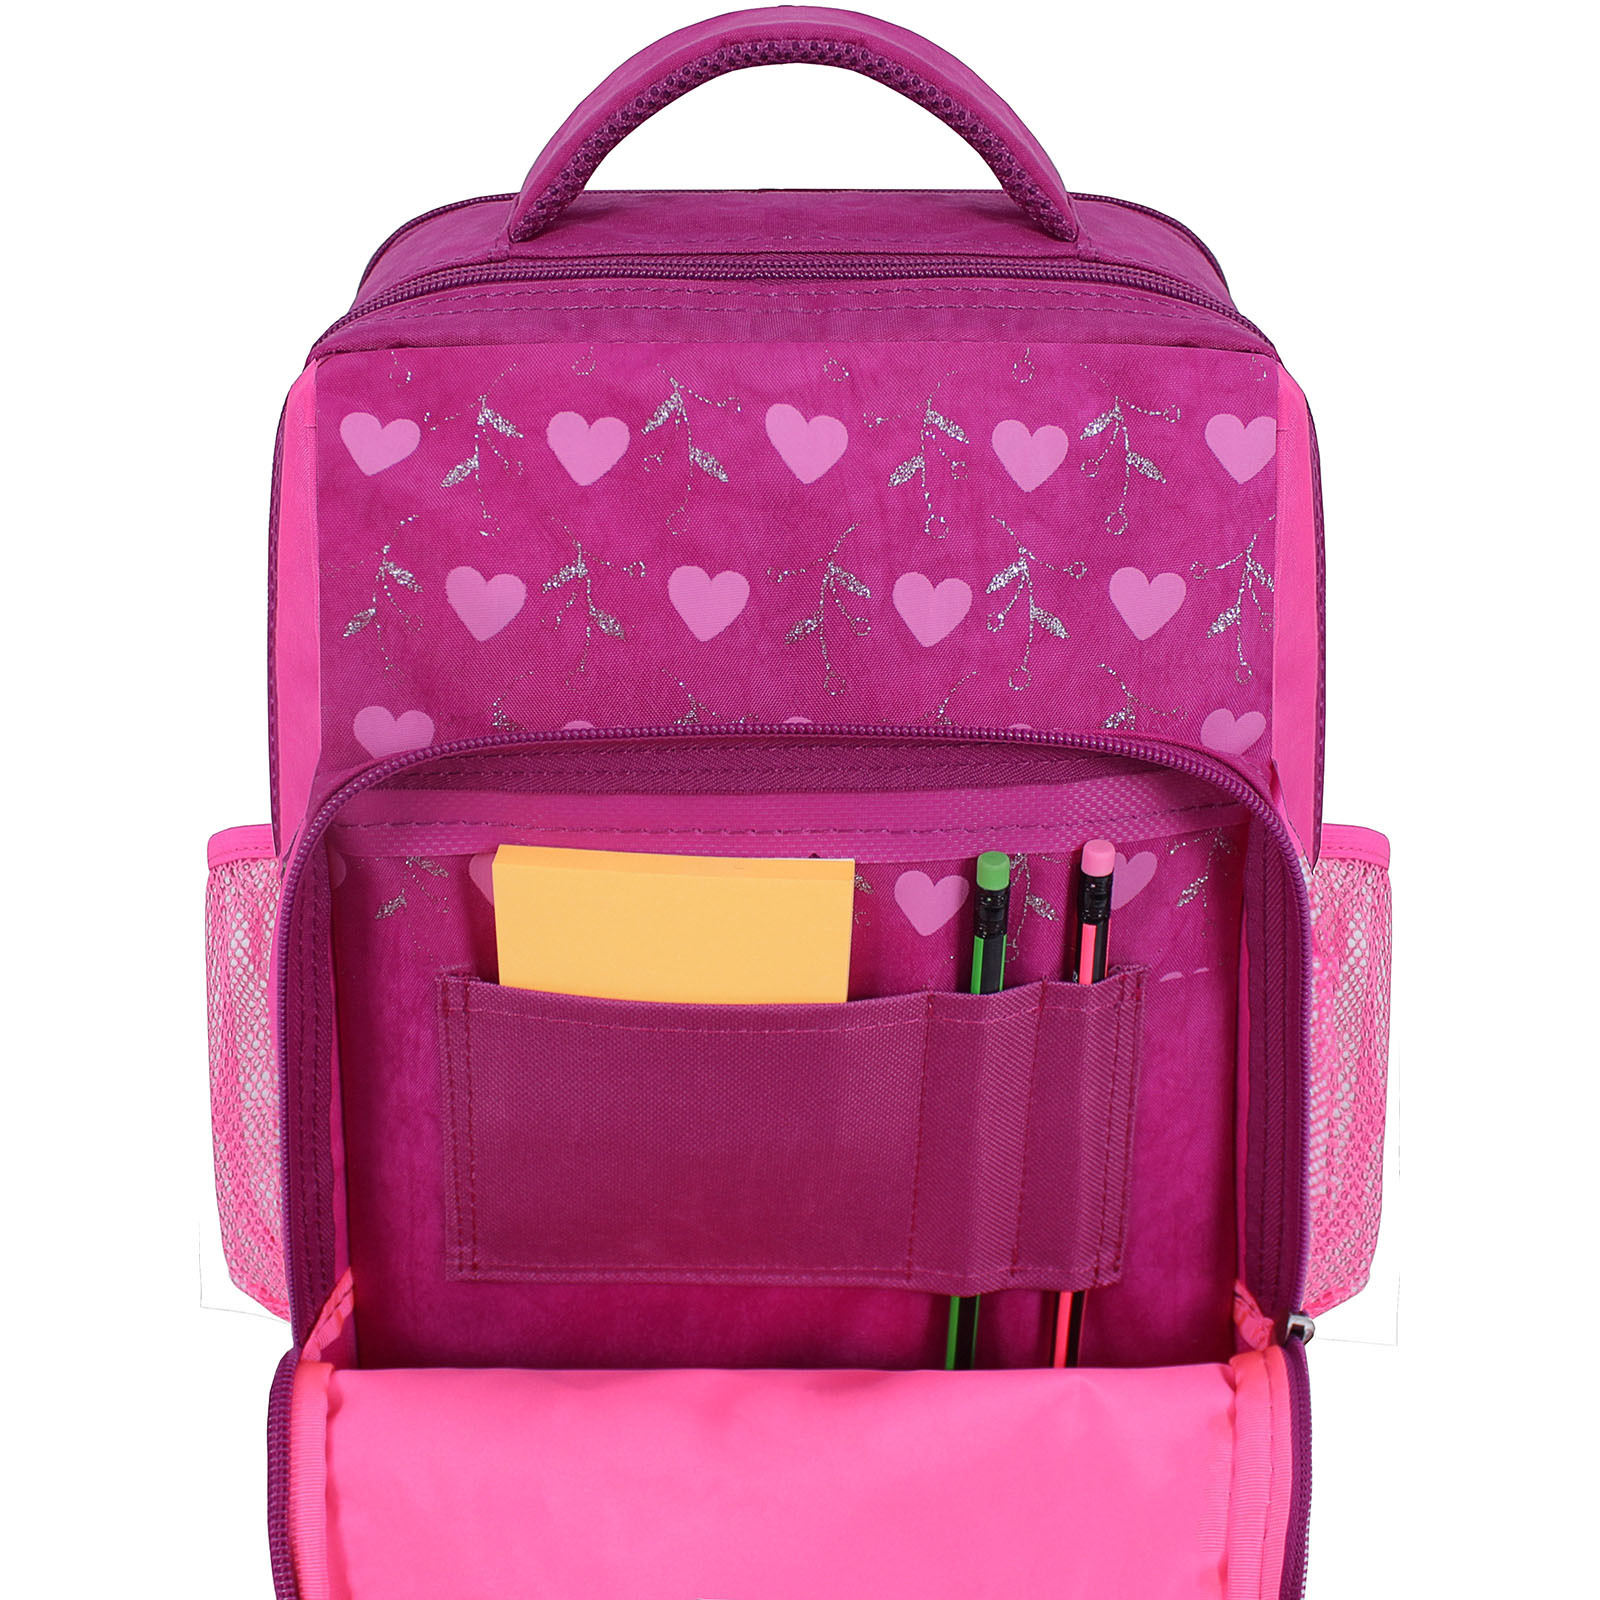 Рюкзак школьный Bagland Школьник 8 л. 143 малина 515 (00112702) фото 4